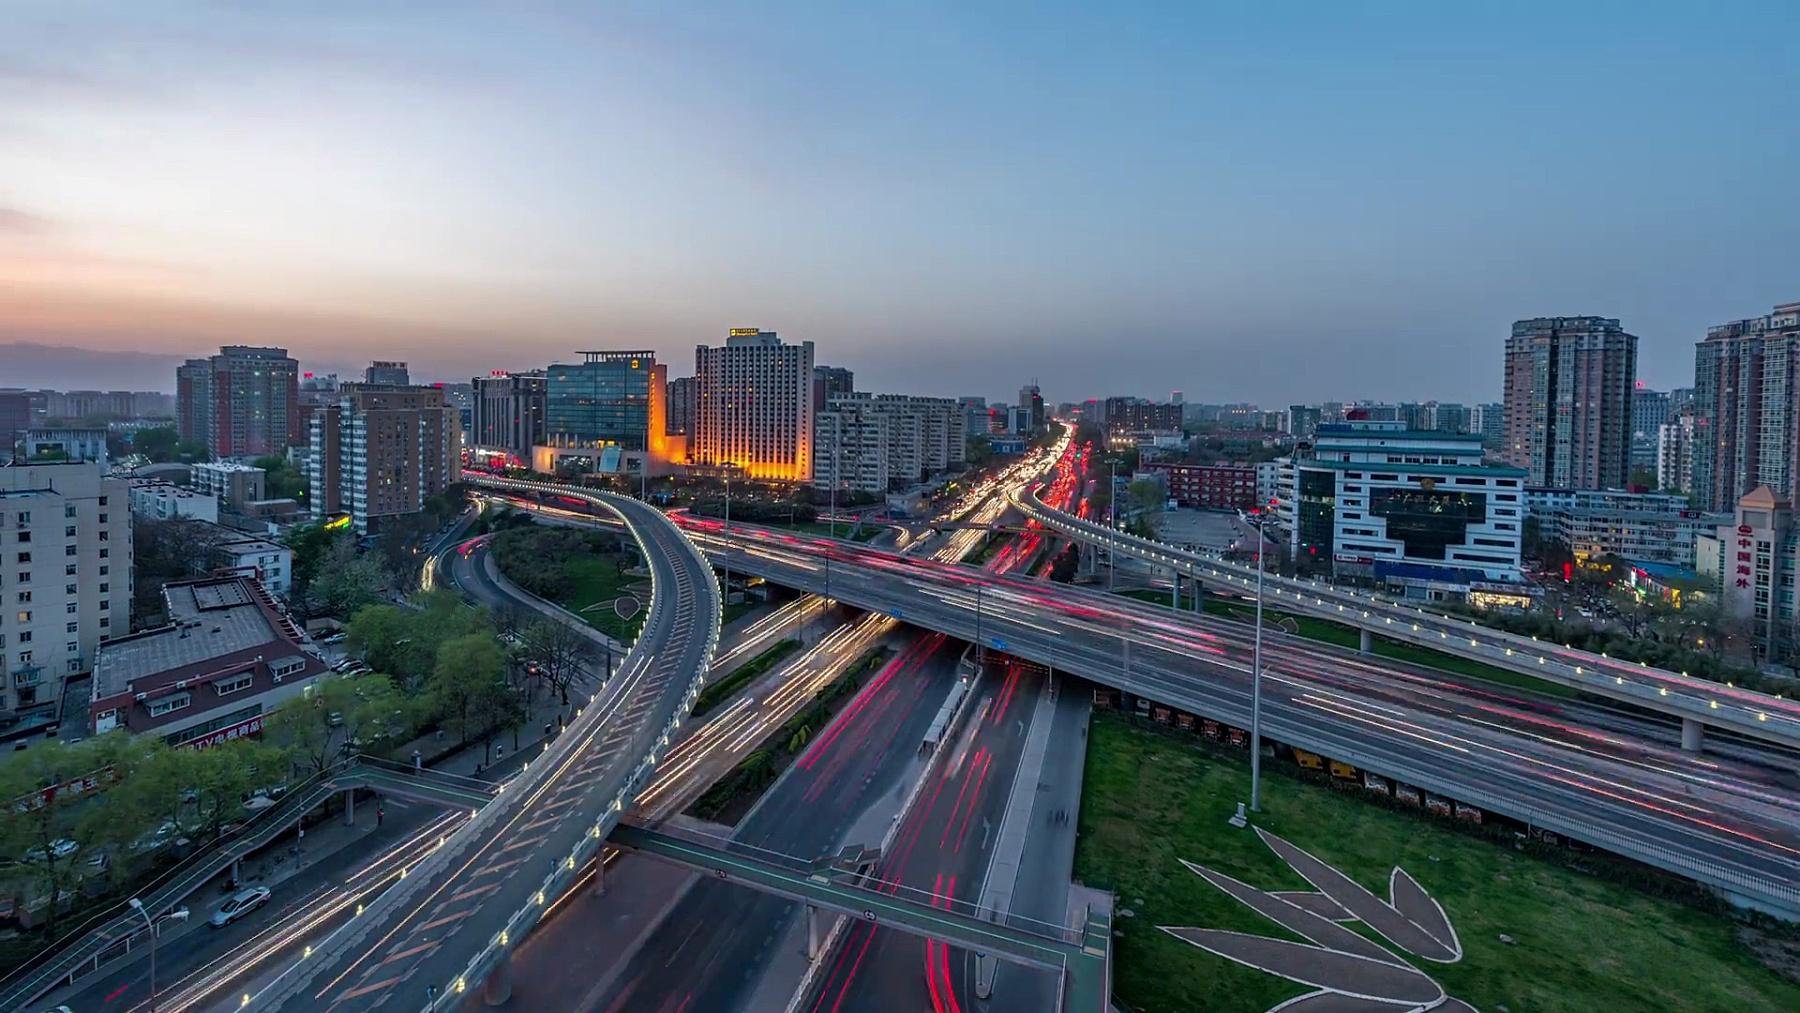 延时摄影-北京的夜间交通,日夜转换(WS缩小)